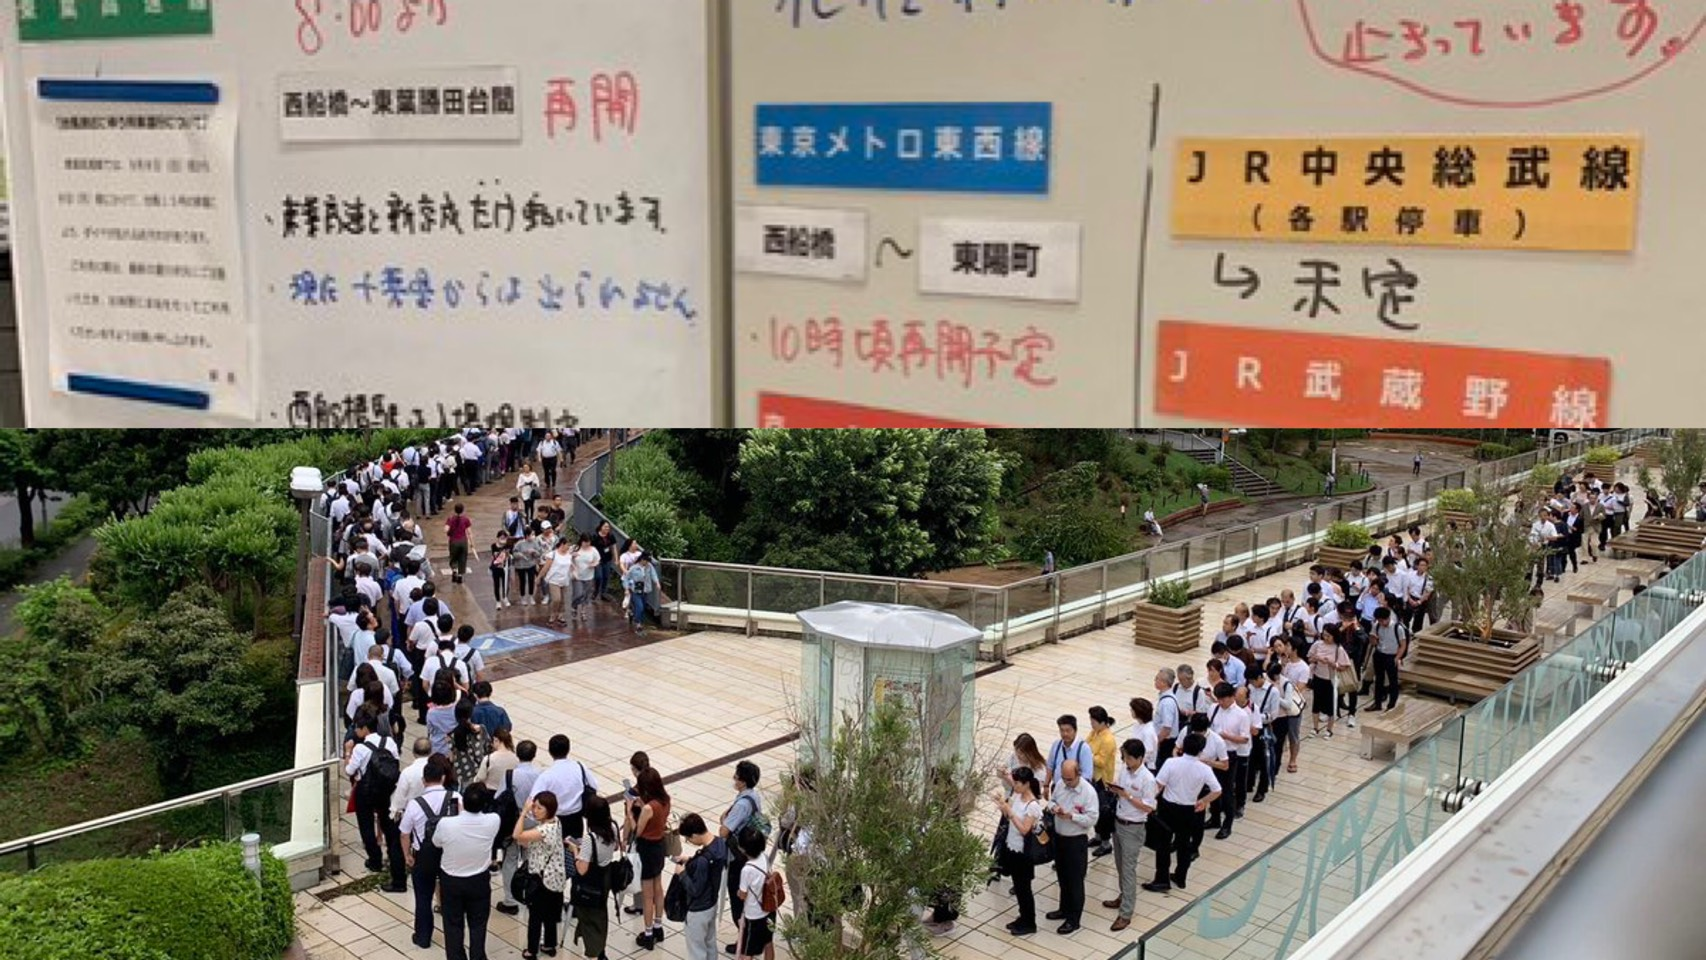 「千葉県からは出られません」台風15号の影響で、千葉県が独立宣言!? 一方、津田沼駅はディズニーランドのアトラクション状態にwww